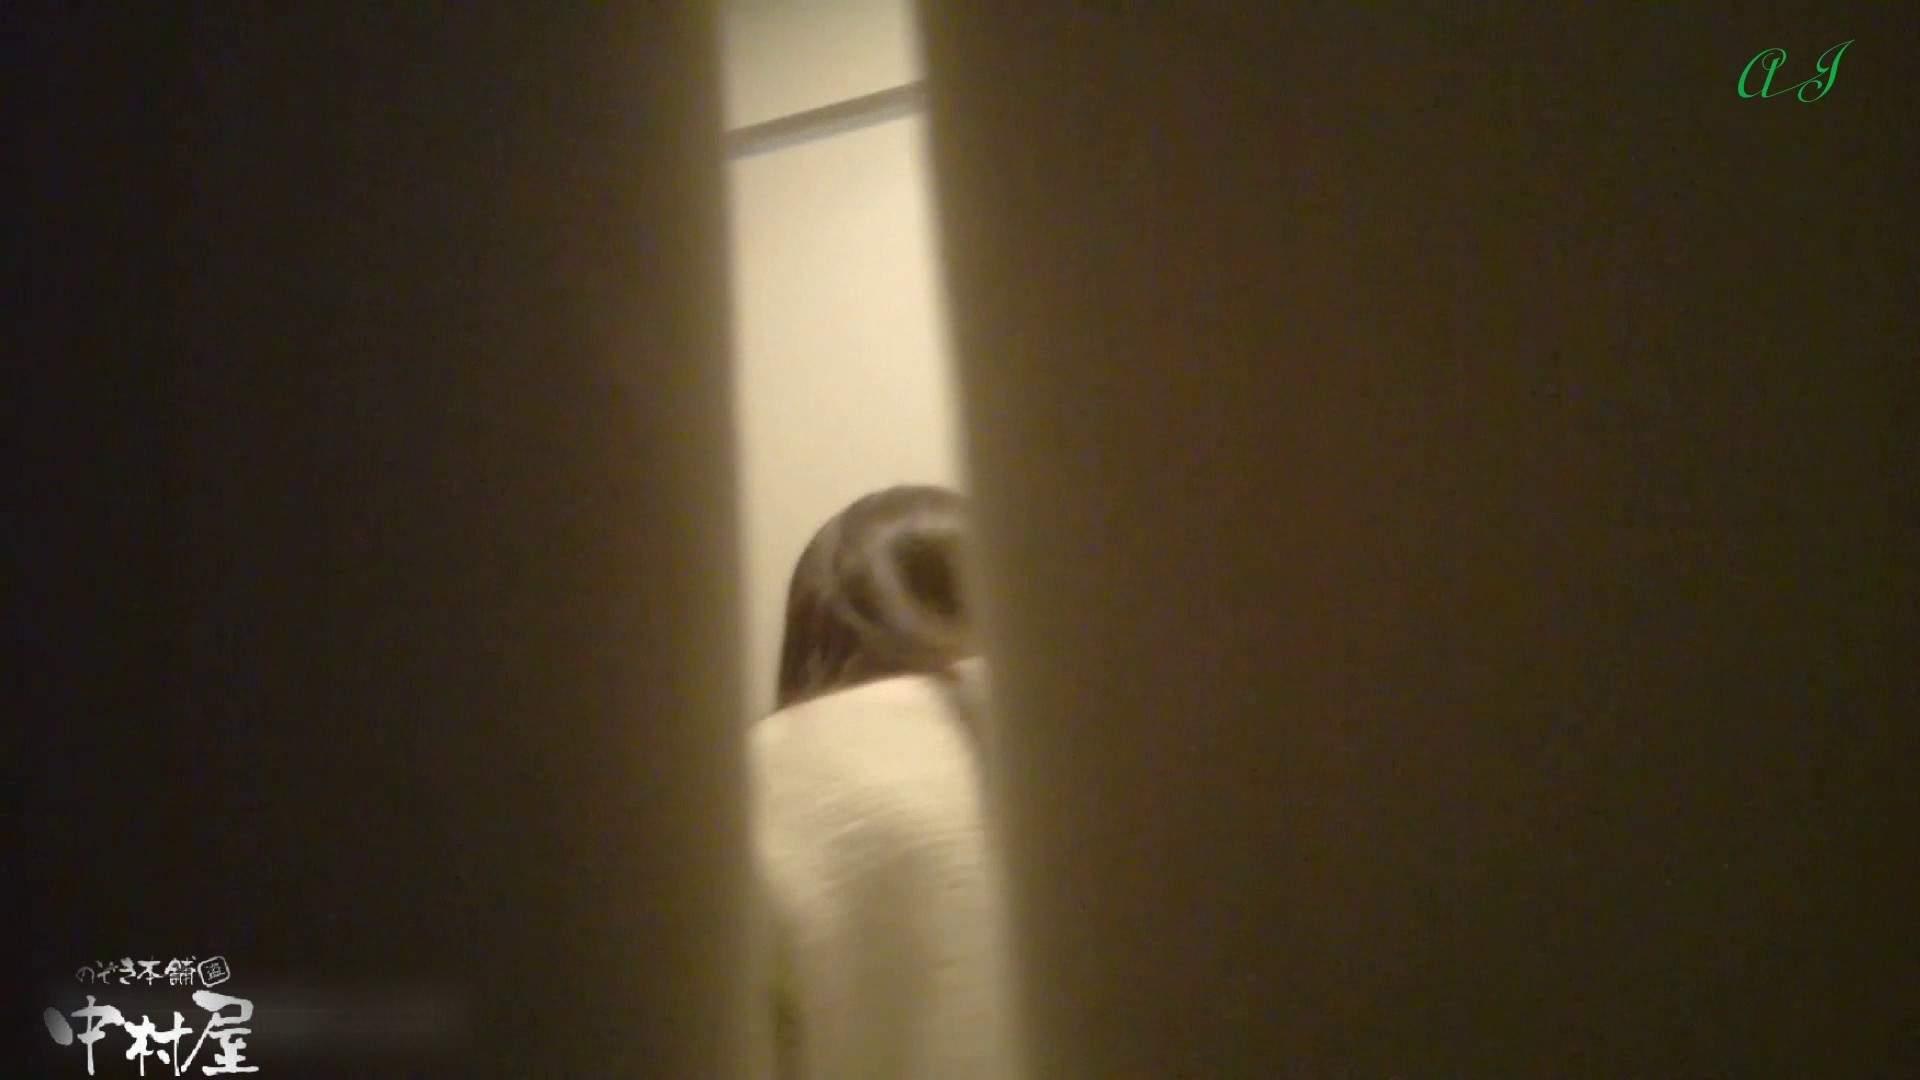 大あり美JDトイレ盗satu【有名大学女性洗面所 vol.80】 和式 | 潜入 のぞき 9枚 1